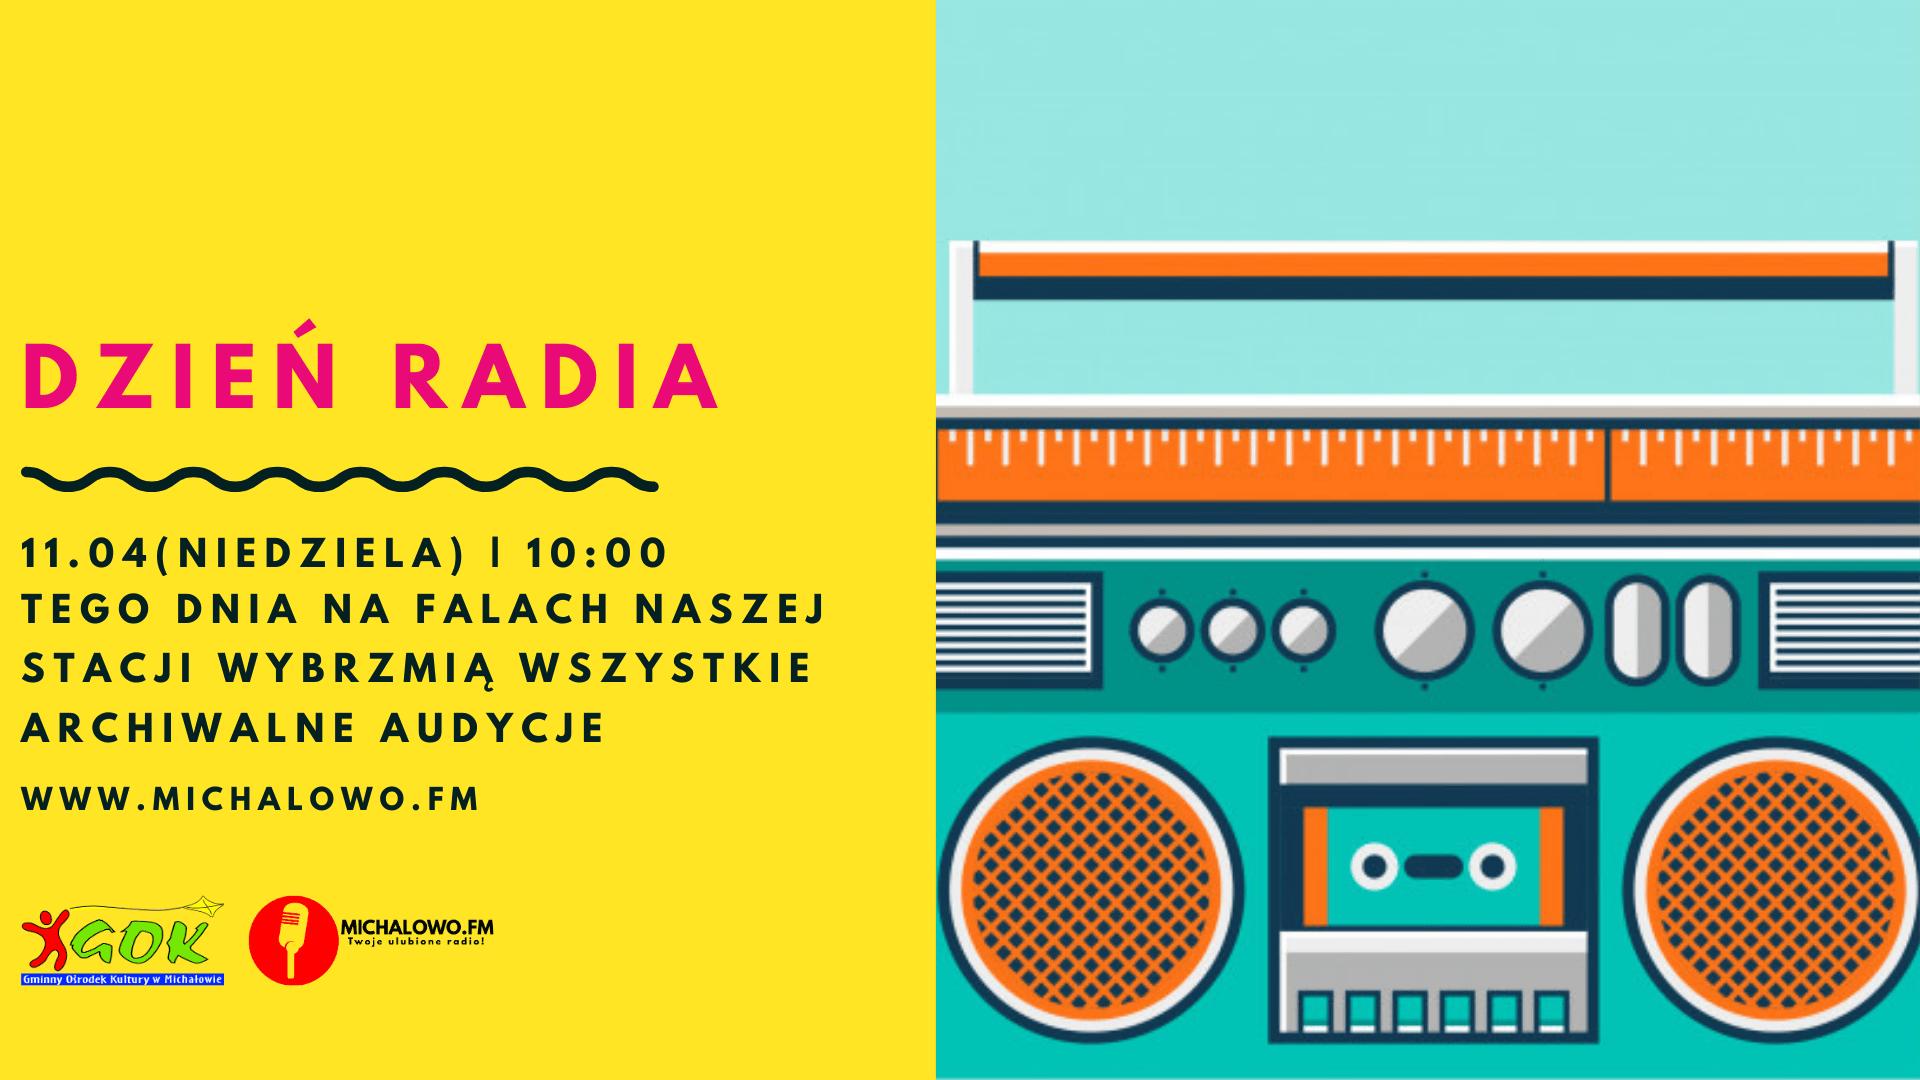 dzien_radia_2021